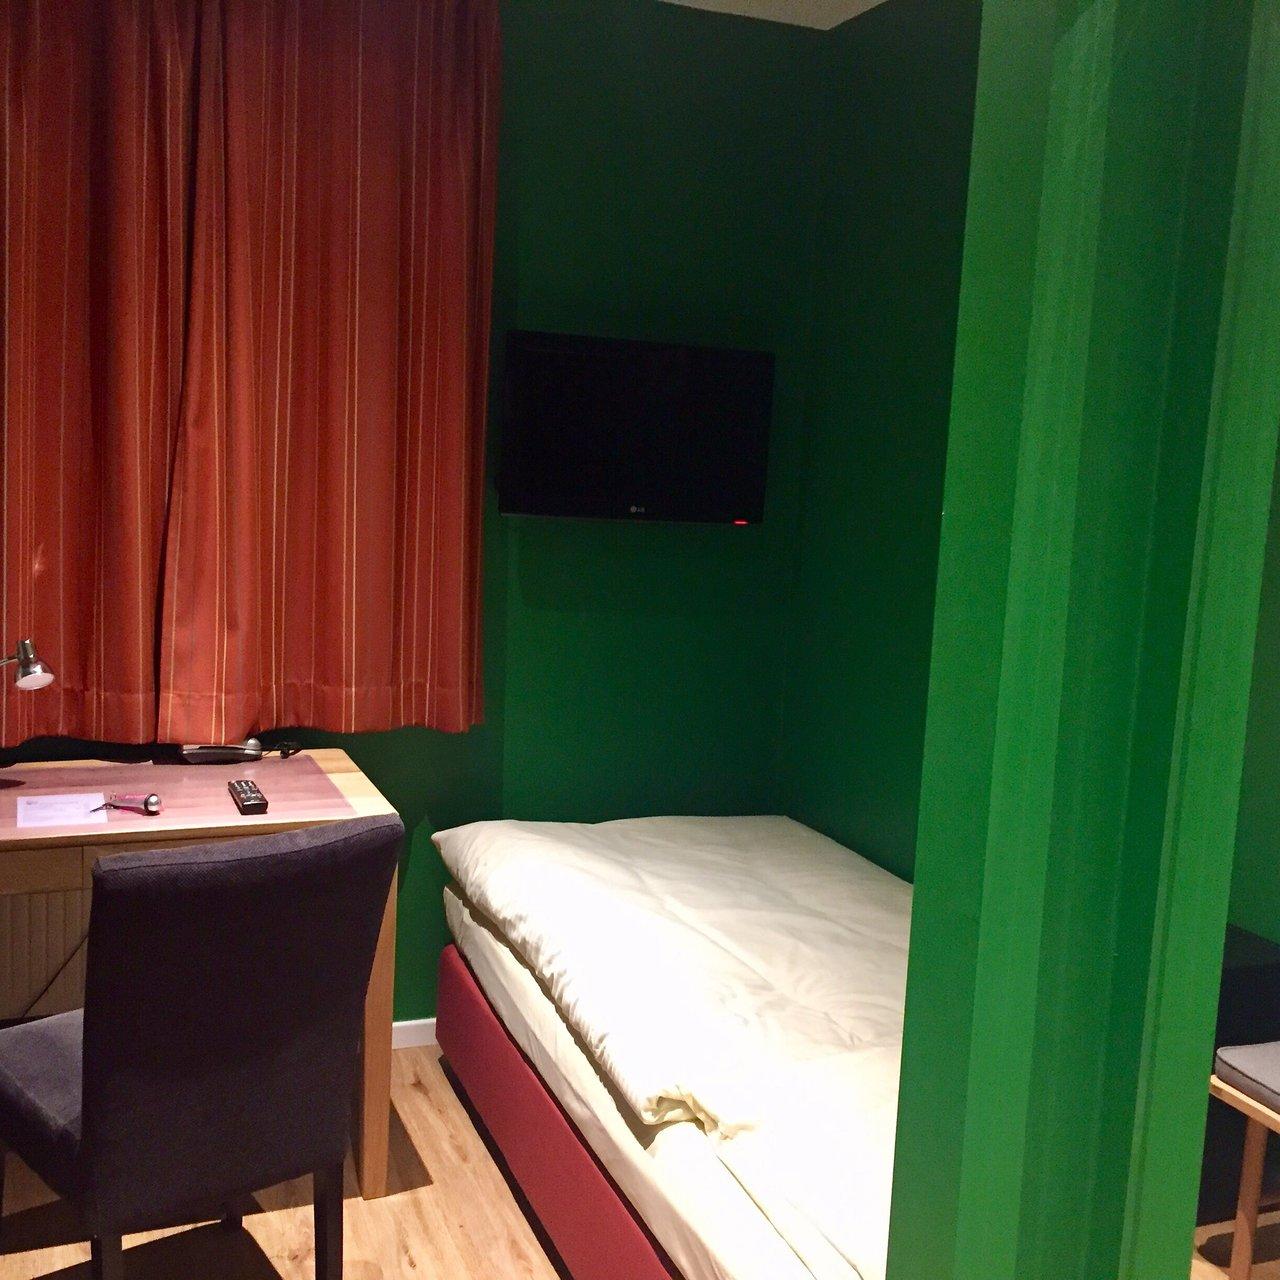 Cassius Garten Bonn Schön Hotel Kurfuerstenhof Prices & Reviews Bonn Germany